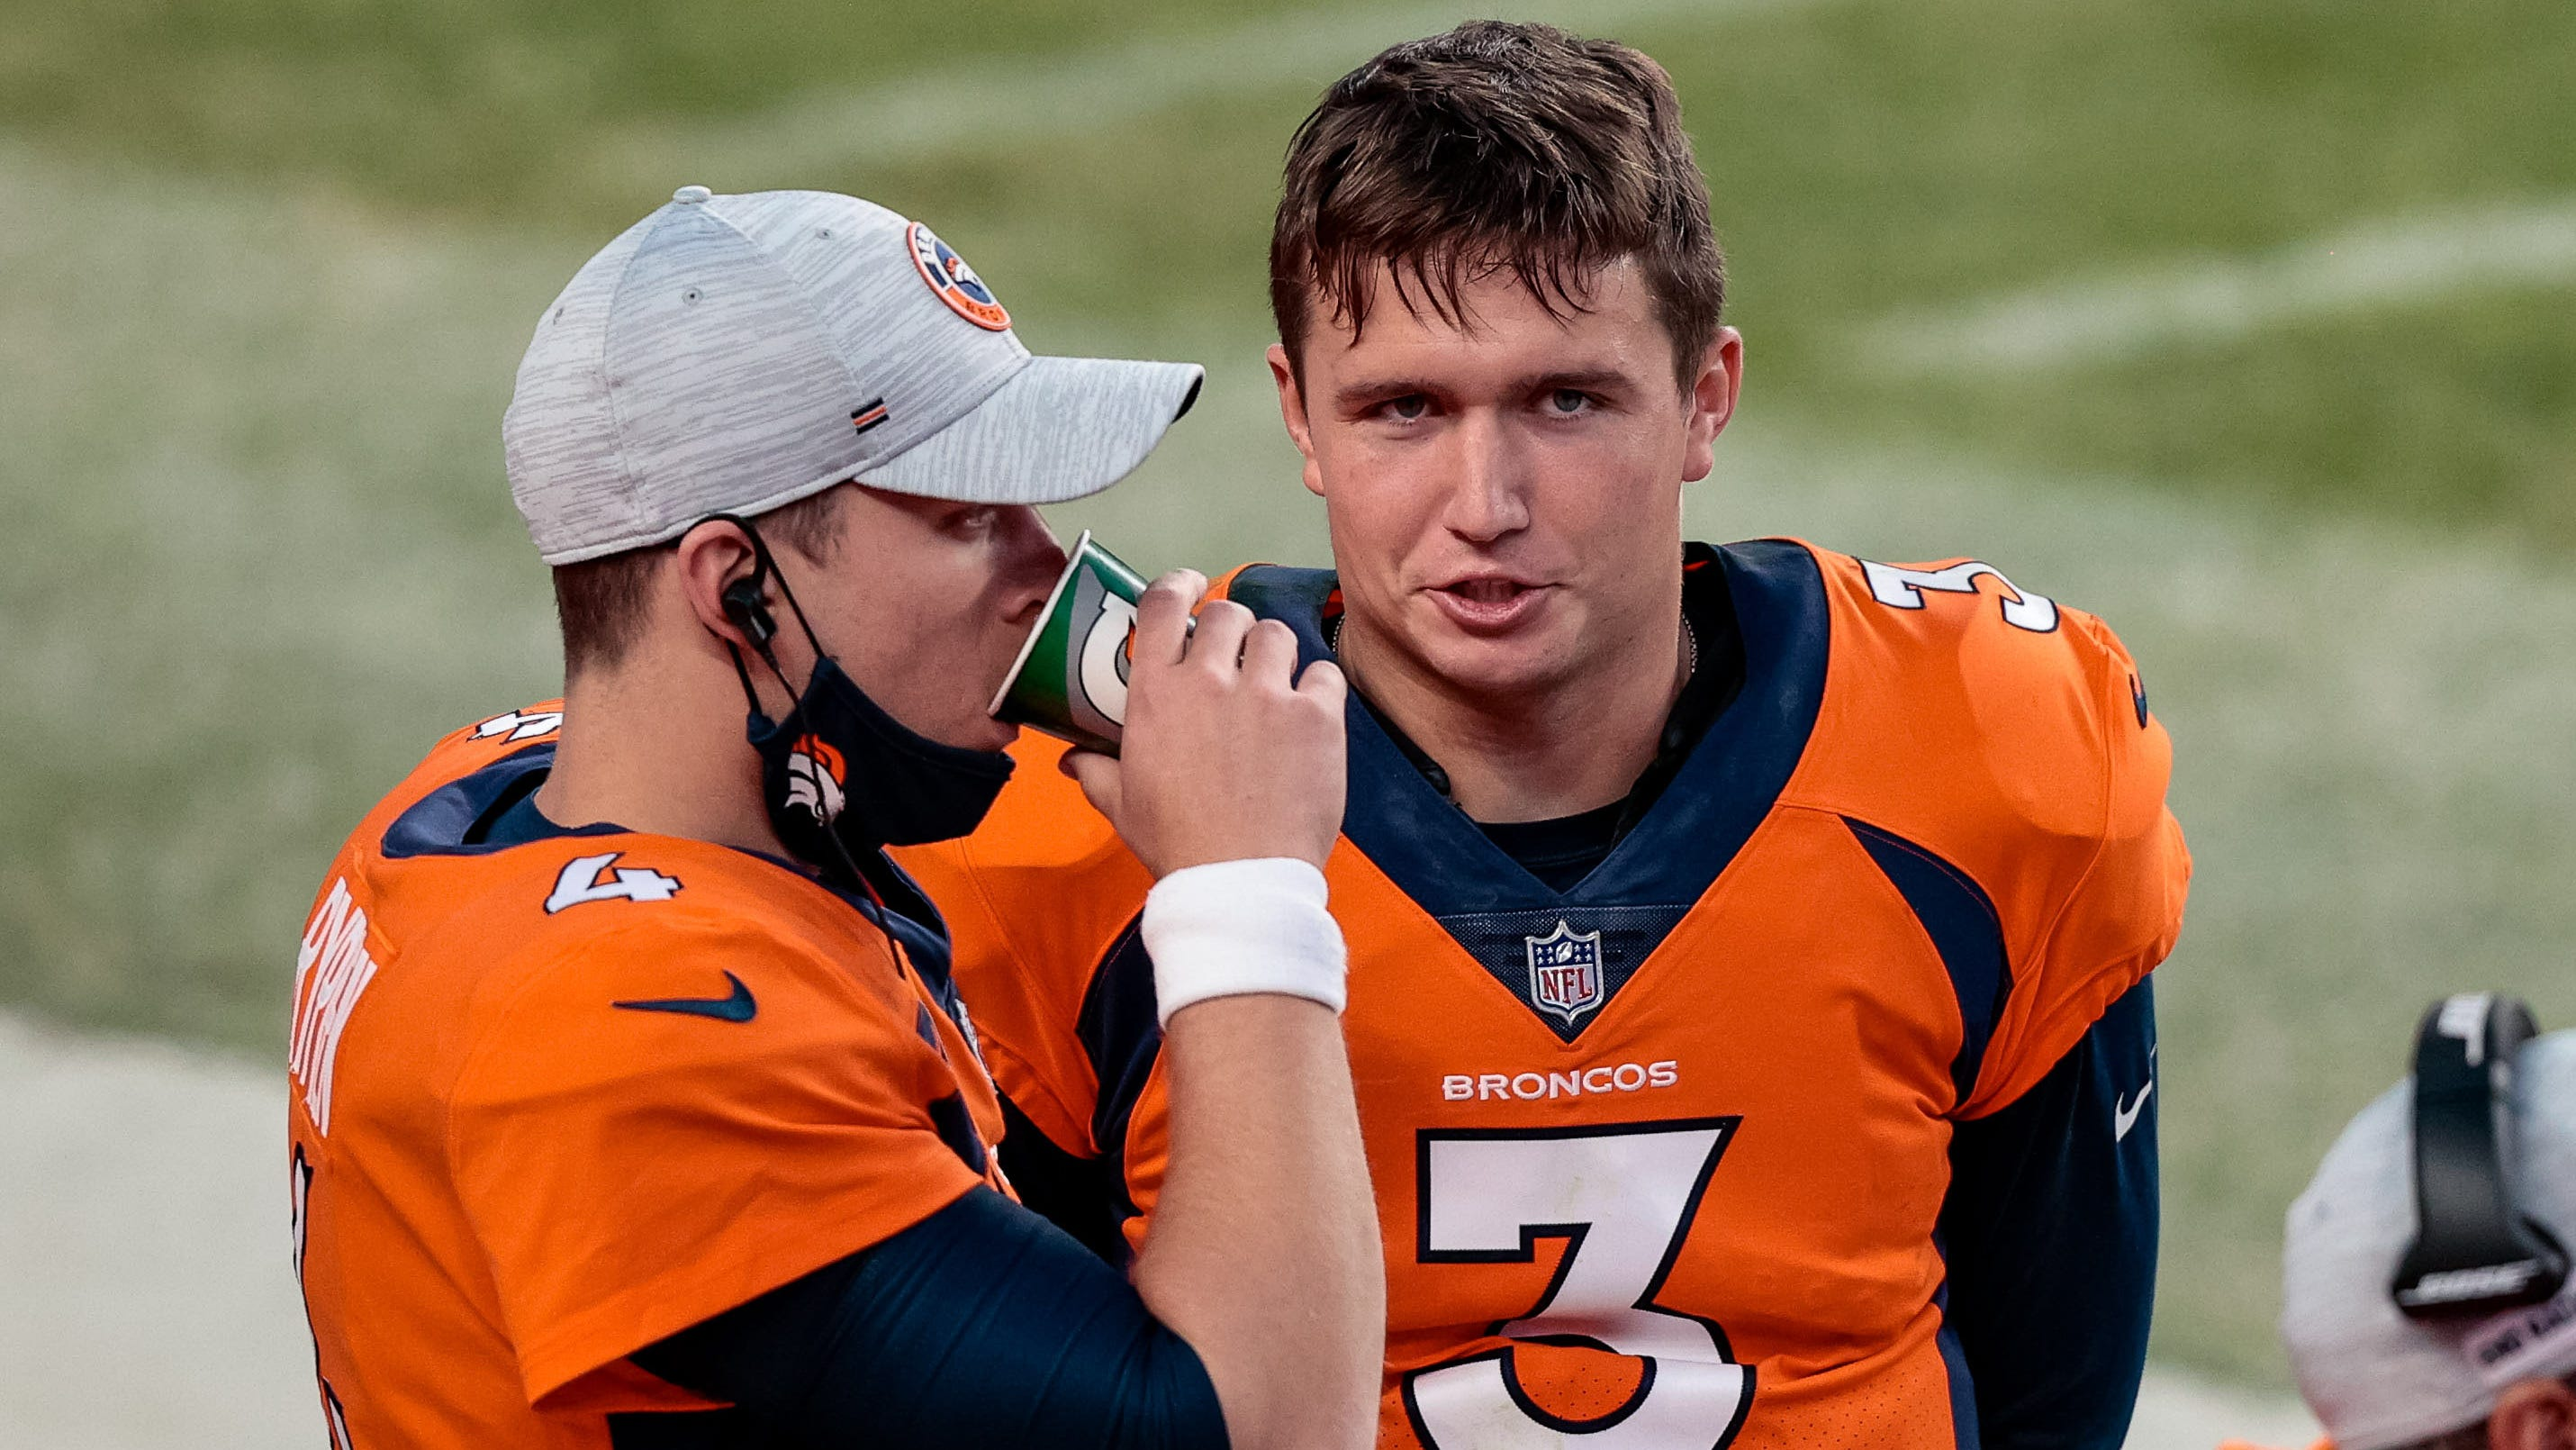 Quarterback Broncos